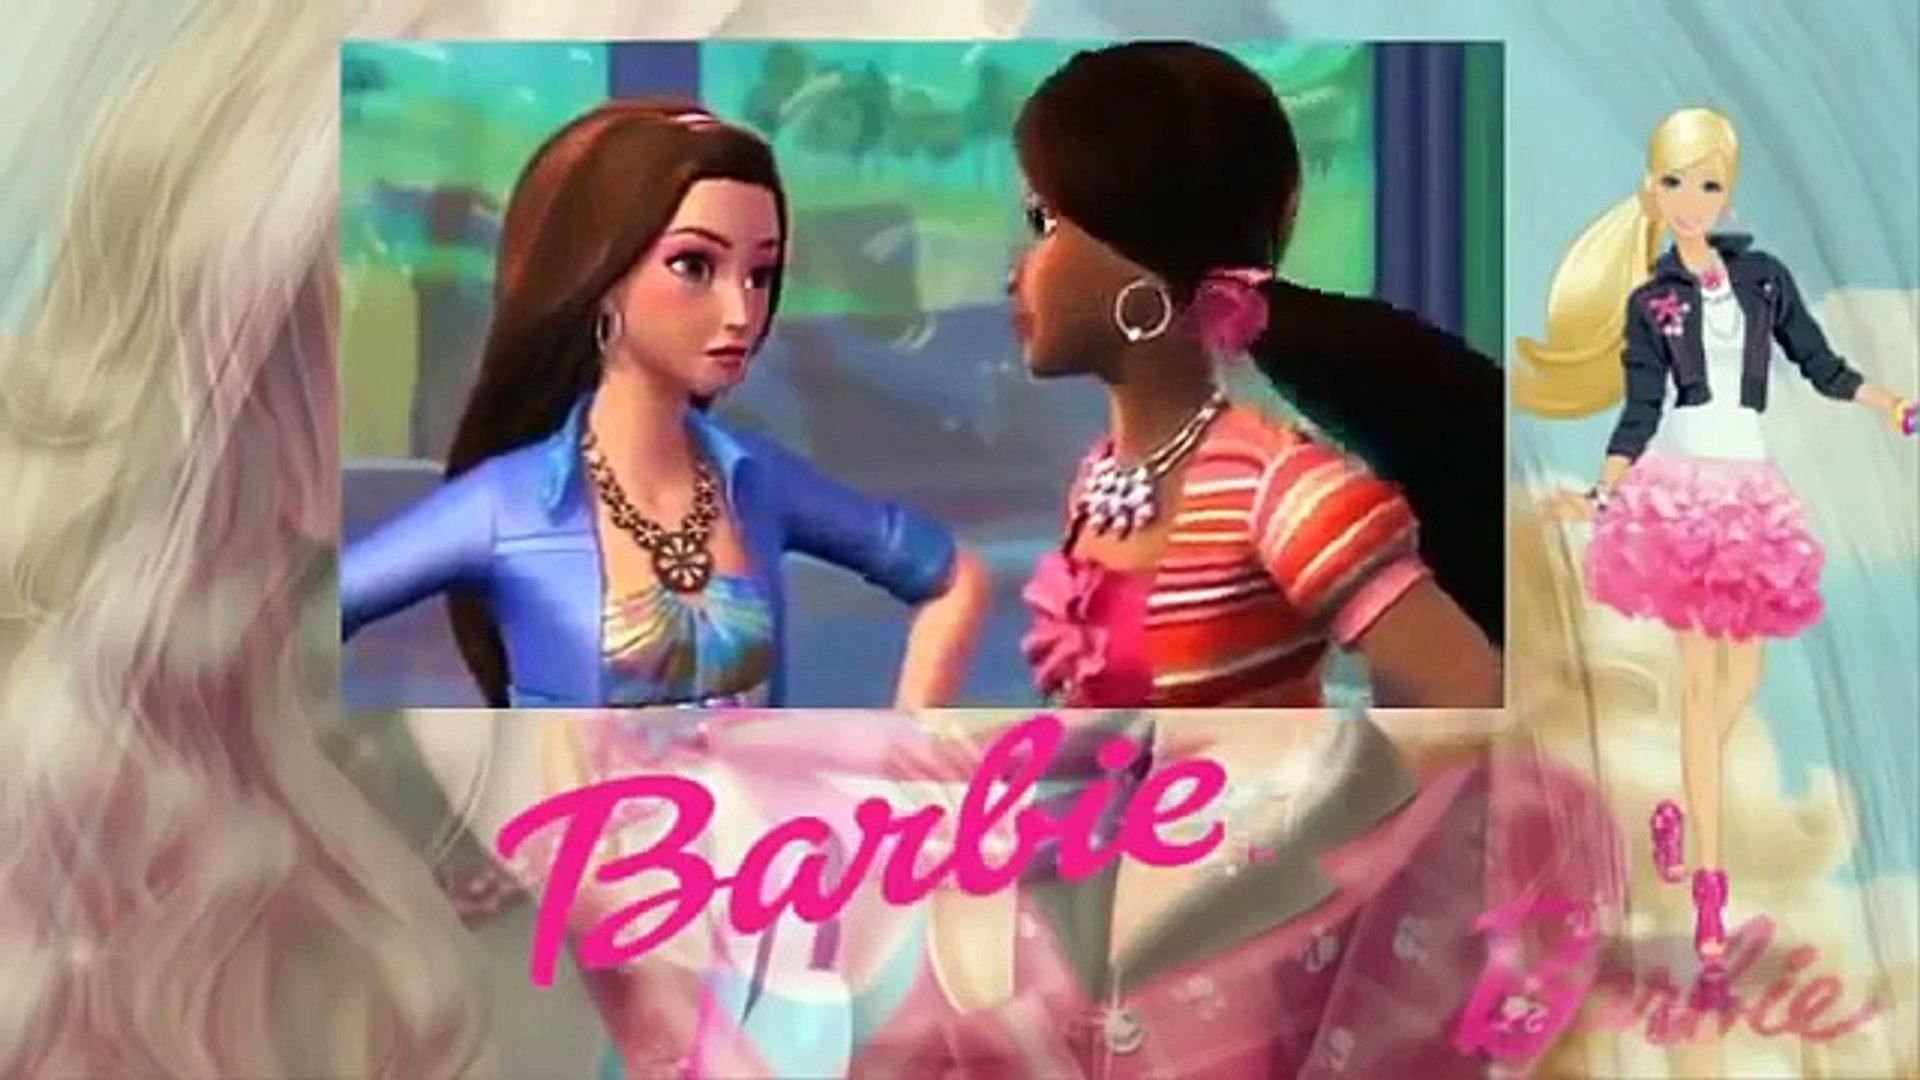 Barbie Moda E Magia Filme 2015 Hd Dublado Animacao Portugues Br Dailymotion Video